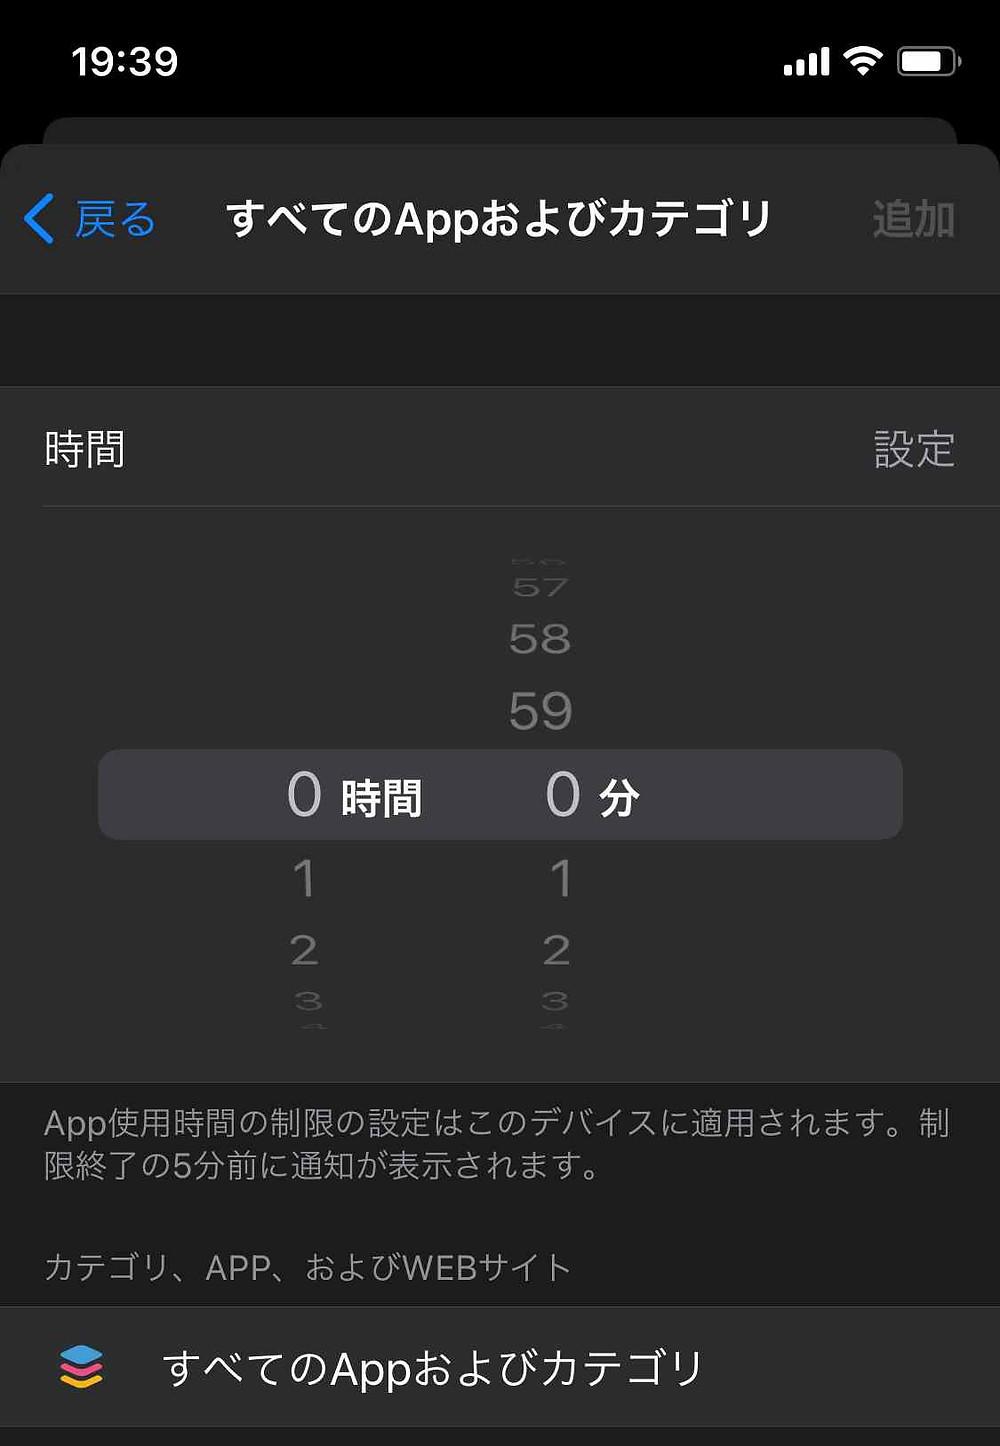 アプリの使用時間を制限できる